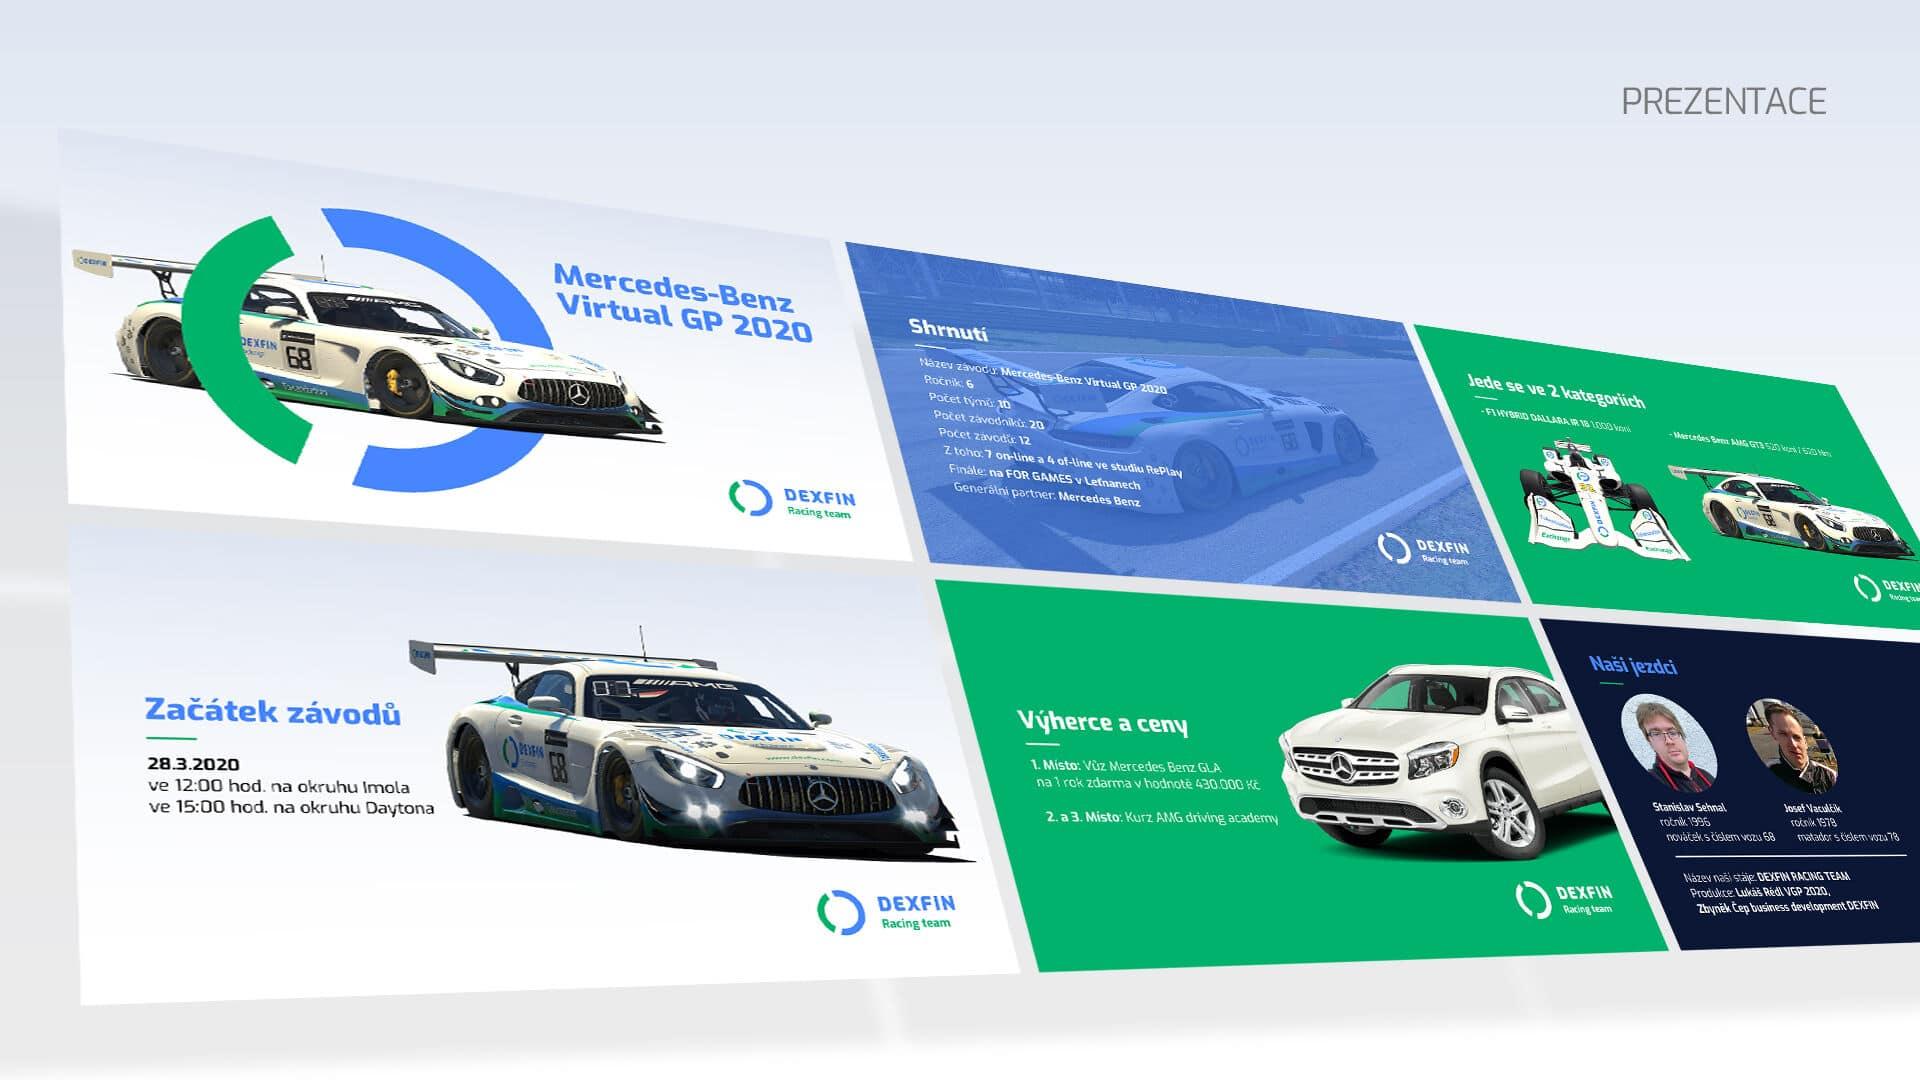 Tvorba loga avizuální identity Dexfin prezentace závody